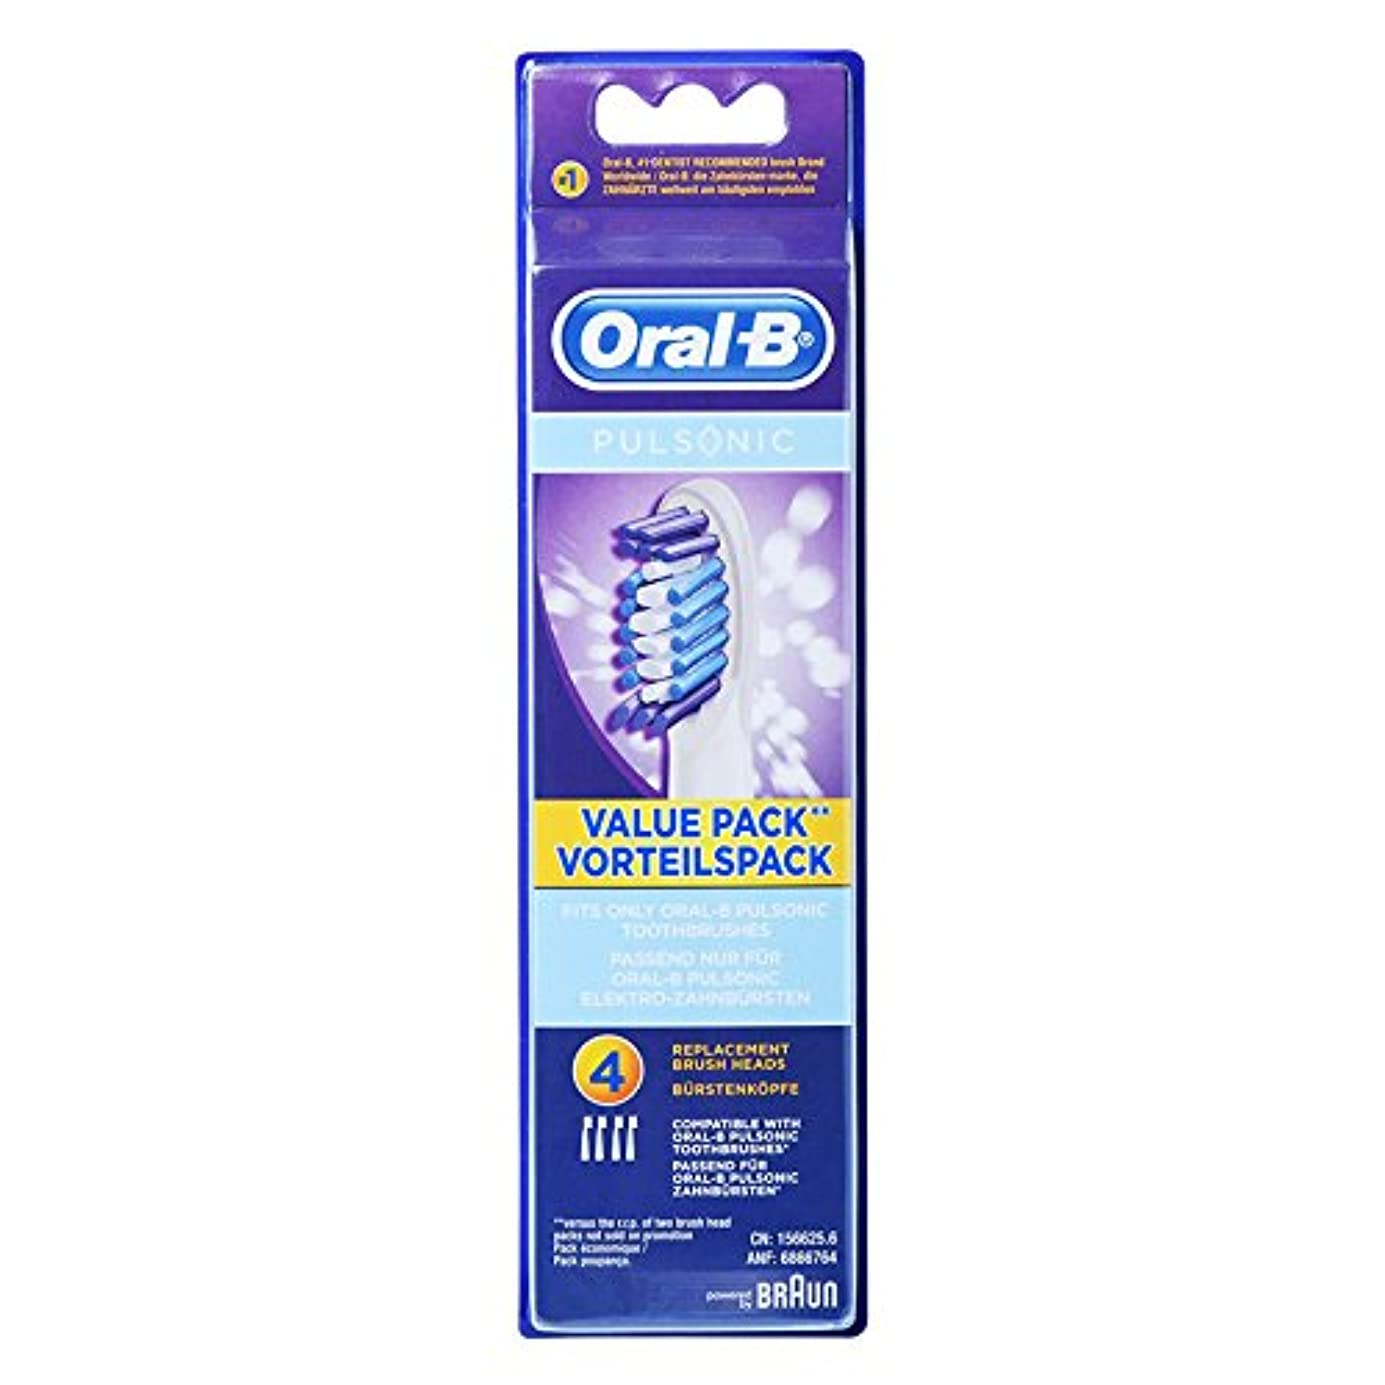 免除するハッピーインストールBraun Oral-B SR32-4 Pulsonic Value Pack 交換用ブラシヘッド 1Pack [並行輸入品]